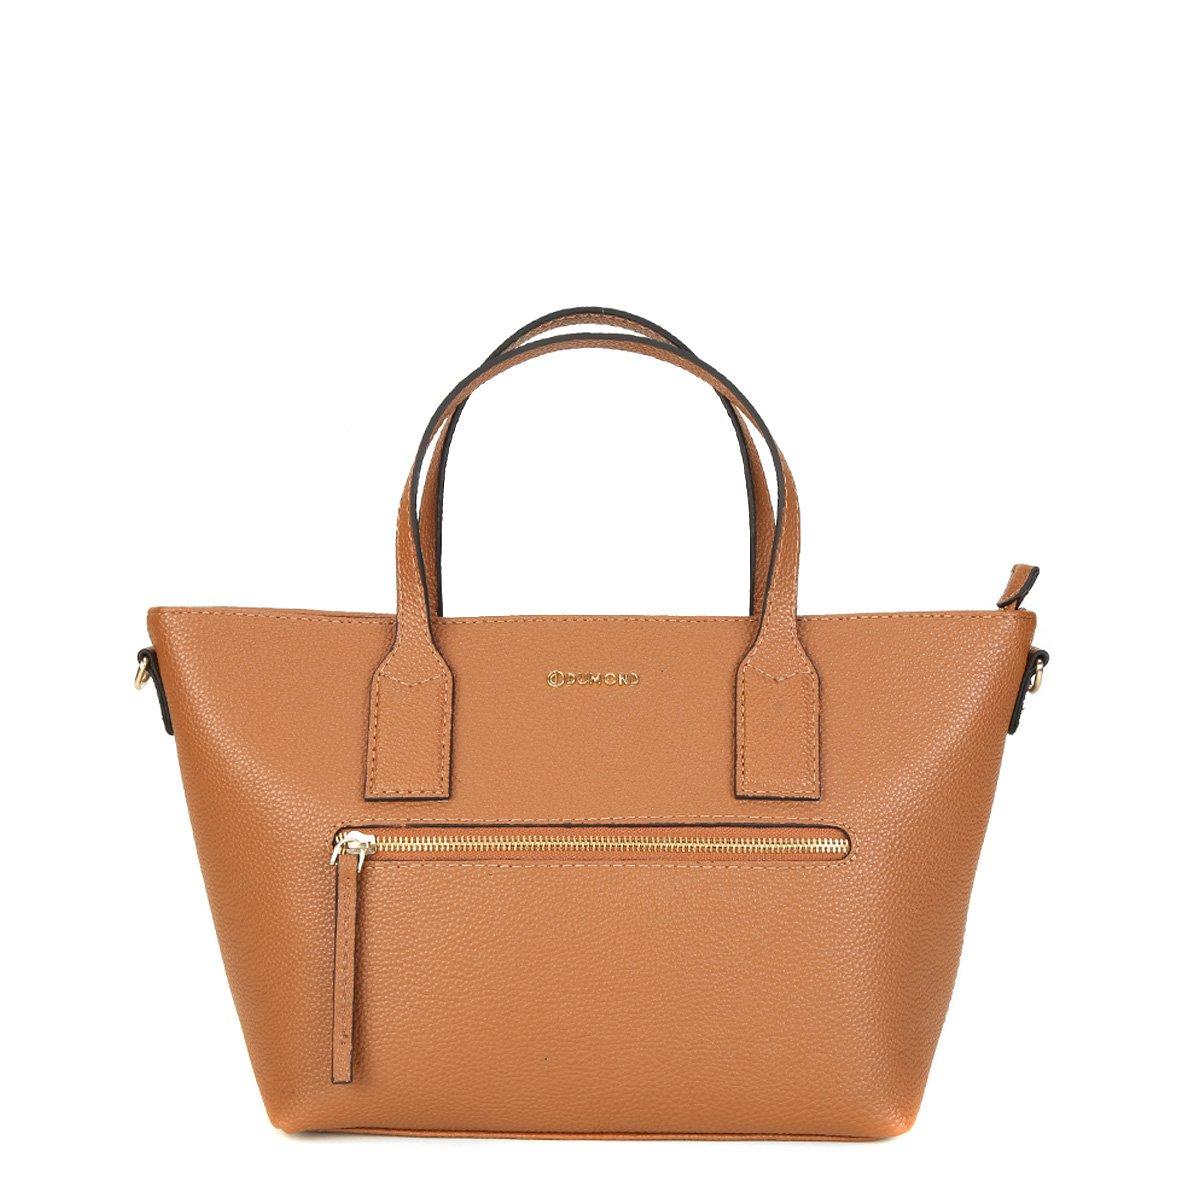 6c6ac8f52 Bolsa Dumond Shopper Grande Alça Transversal Feminina | Livelo -Sua ...